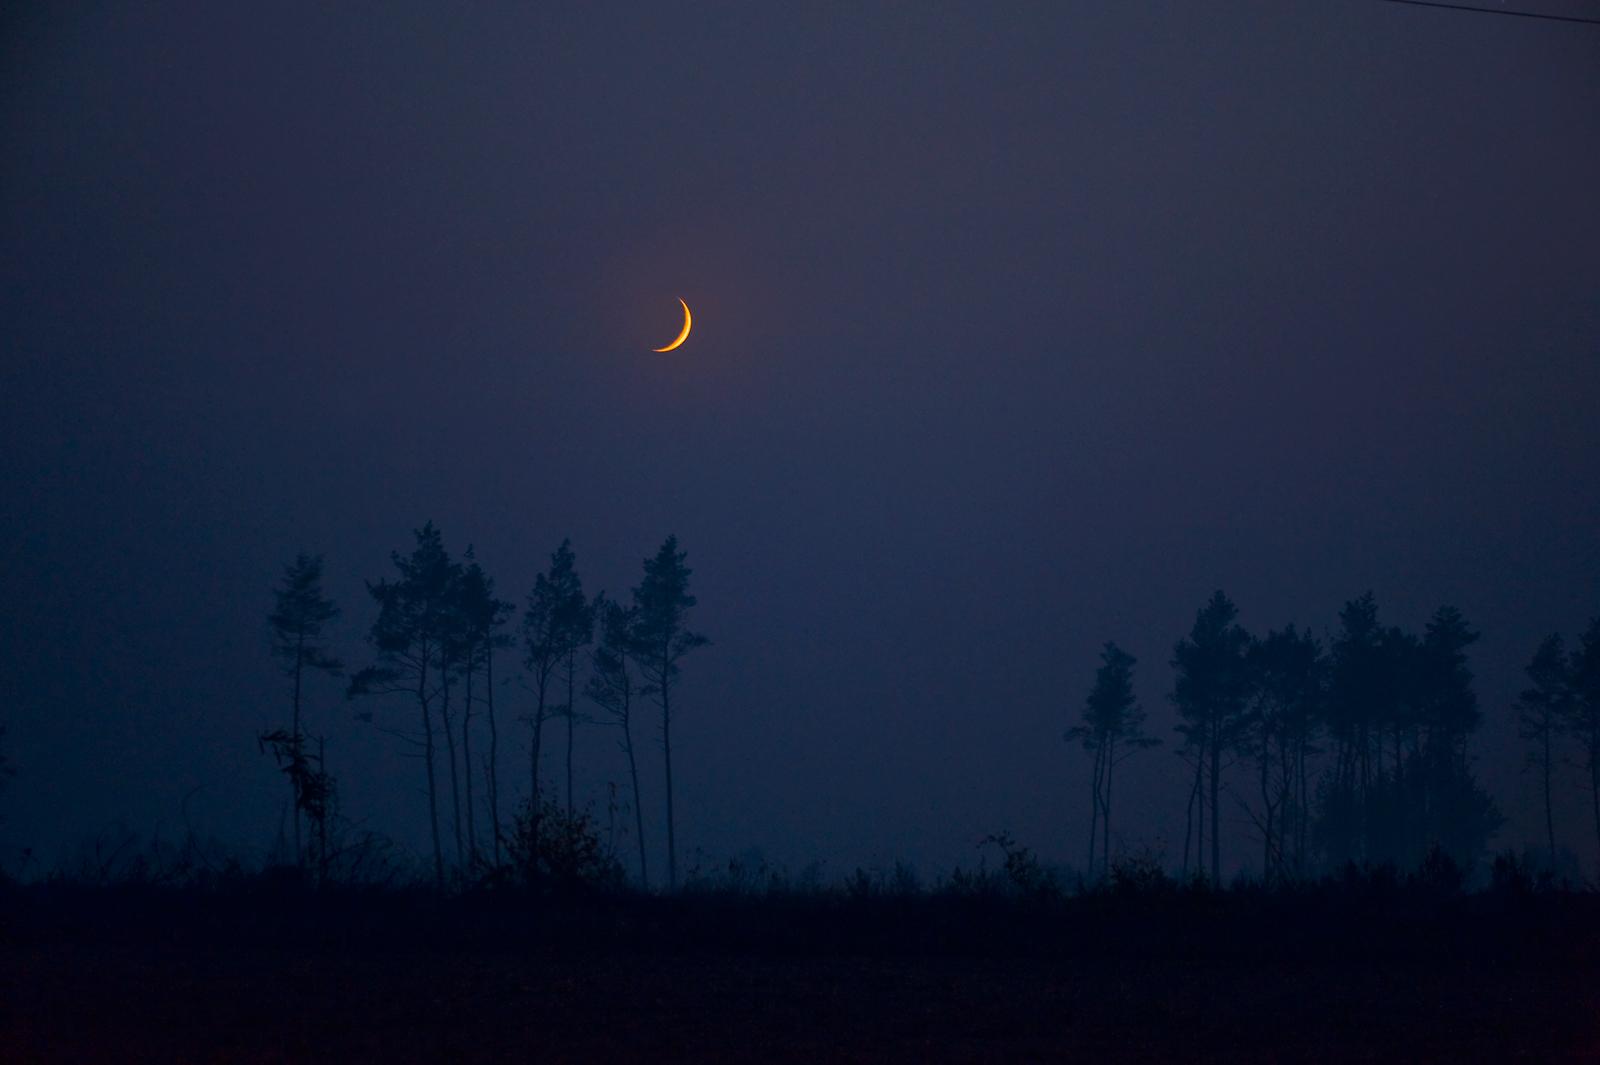 fot. Marek Nikodem